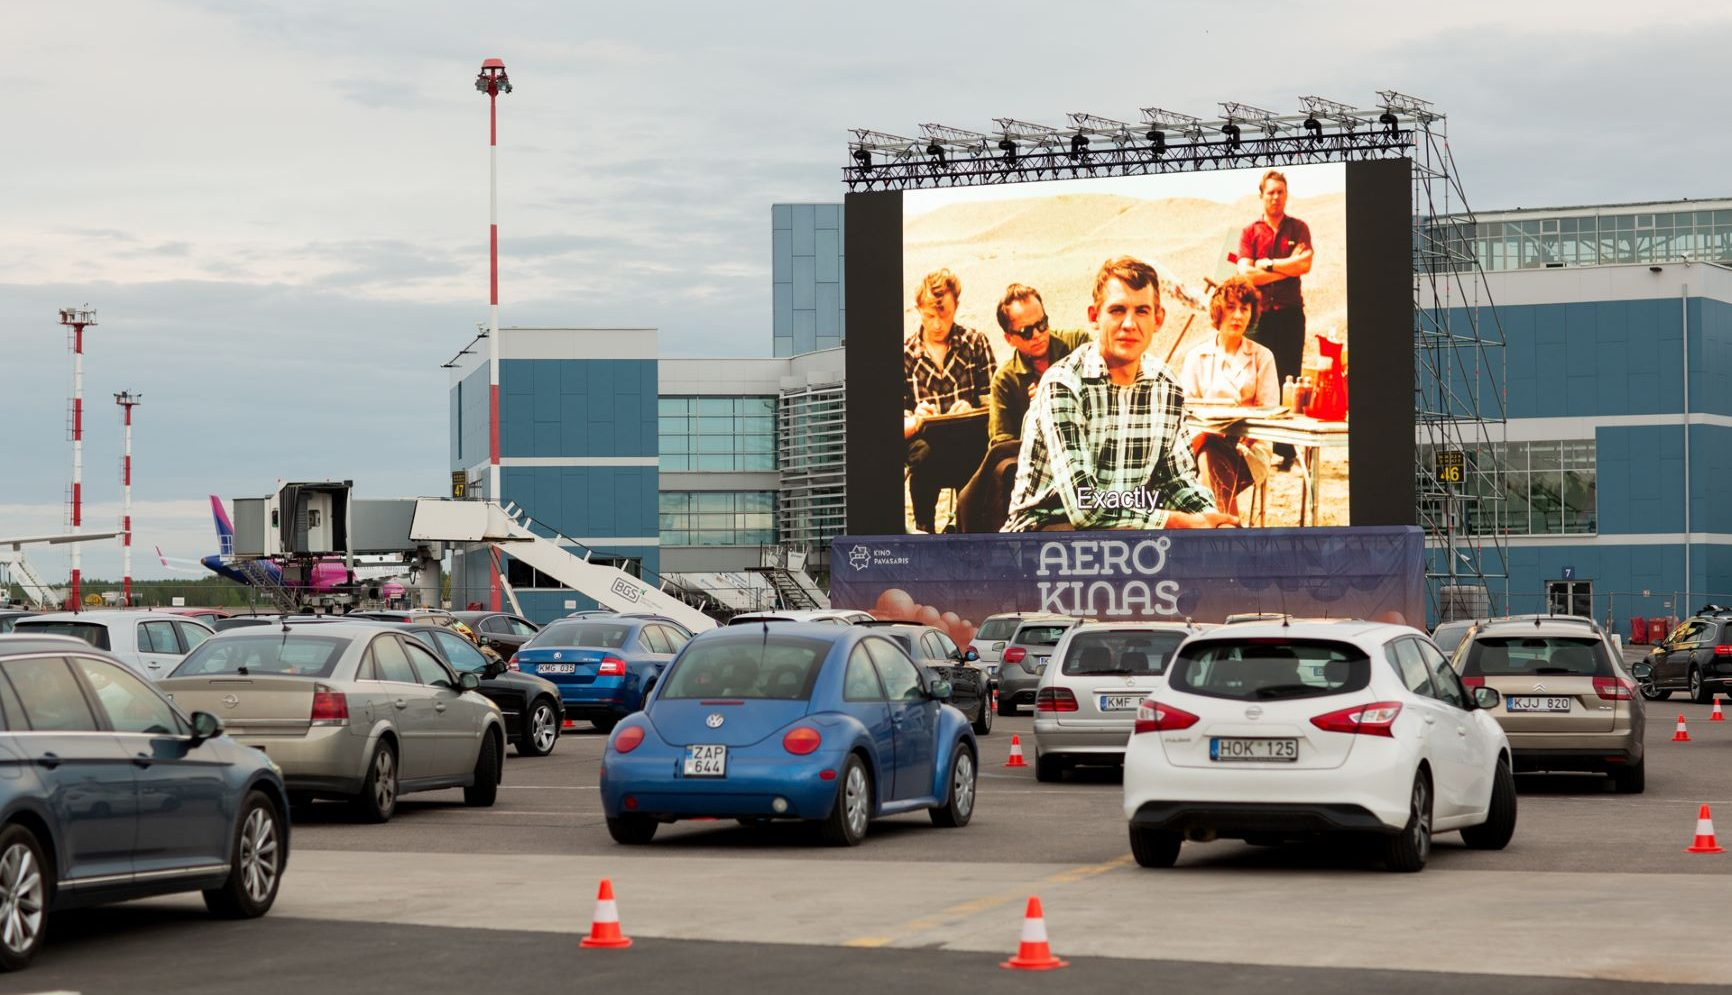 Kultūros ministras inicijavo bendrą kreipimąsi į EK dėl kino festivalių finansavimo